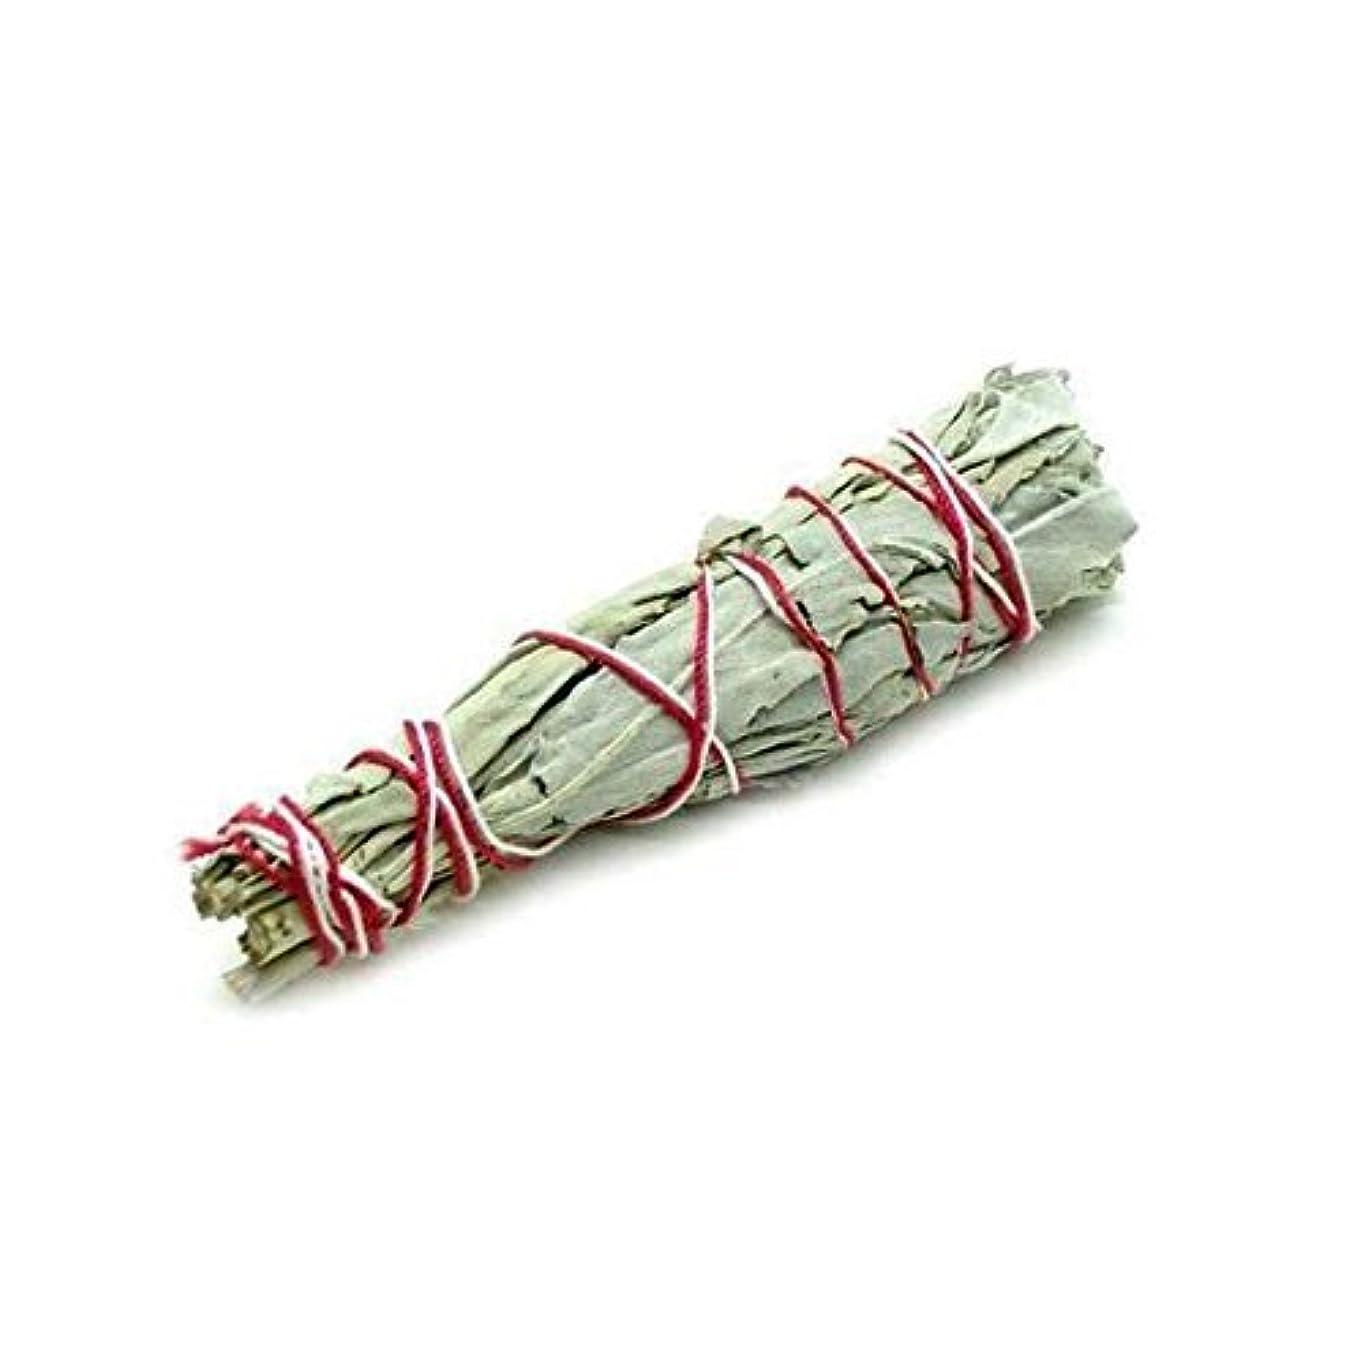 頑固な反映するフリンジセージバンドル – ホワイトセージSmudge Stick使用のクレンジングとPurifyingエネルギー、瞑想、自然として、消臭 – 6 Inches Long